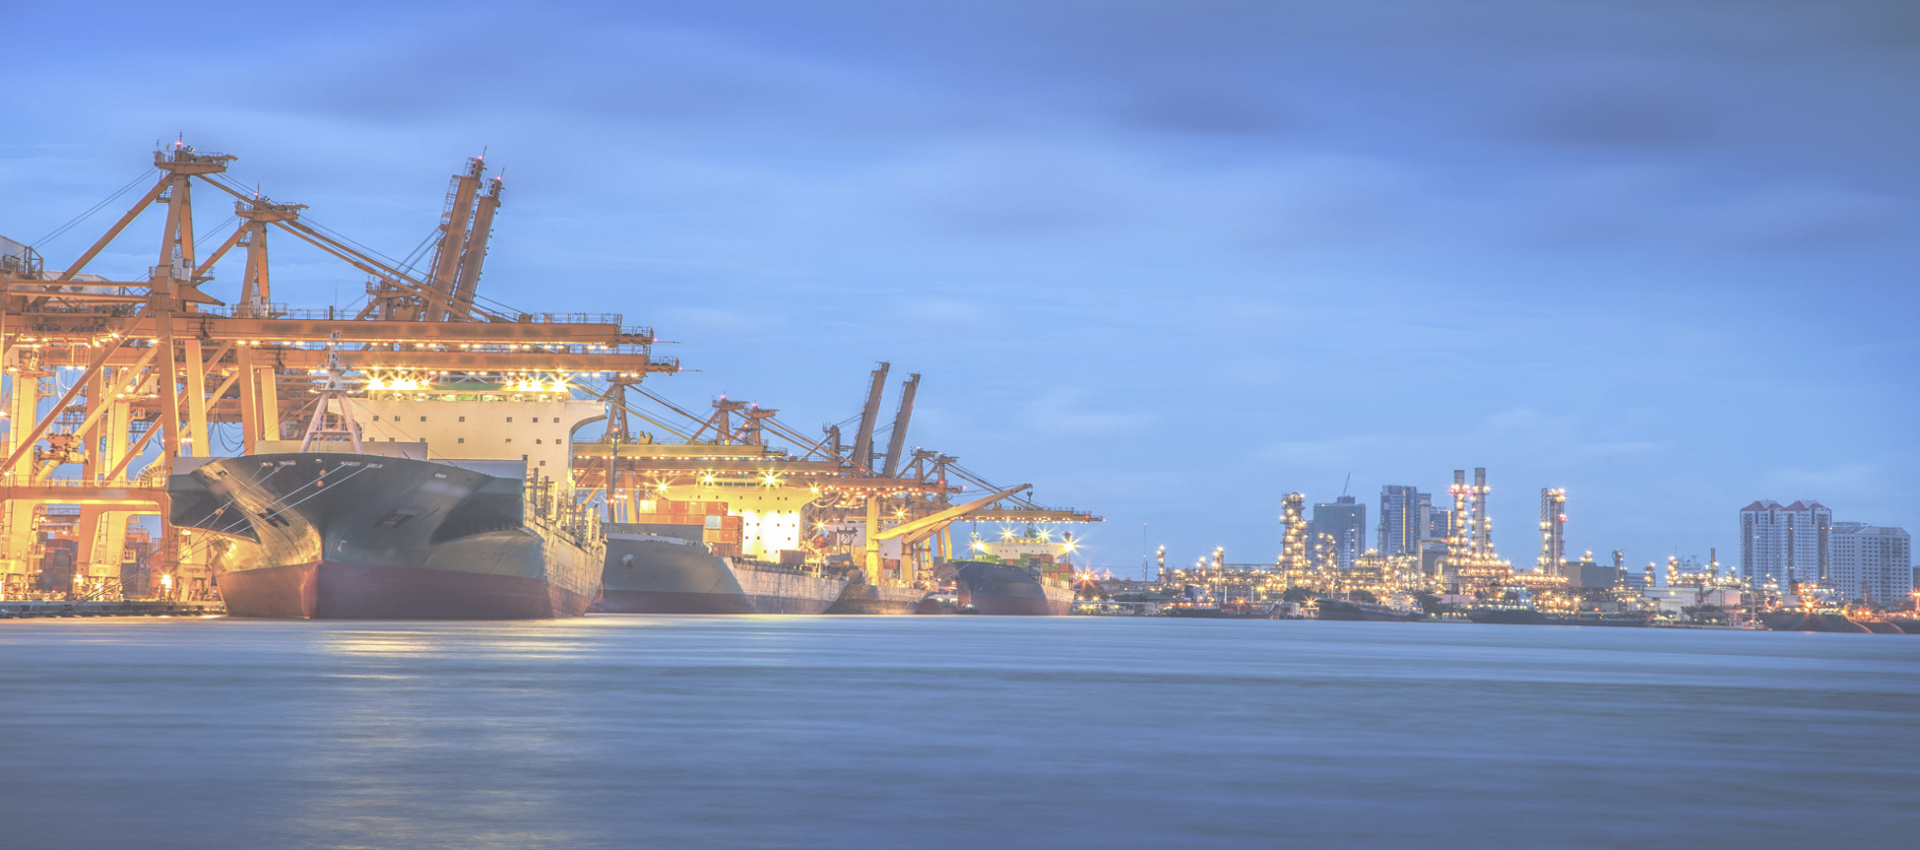 Asesores de comercio exterior importaciones exportaciones for Asesores exterior